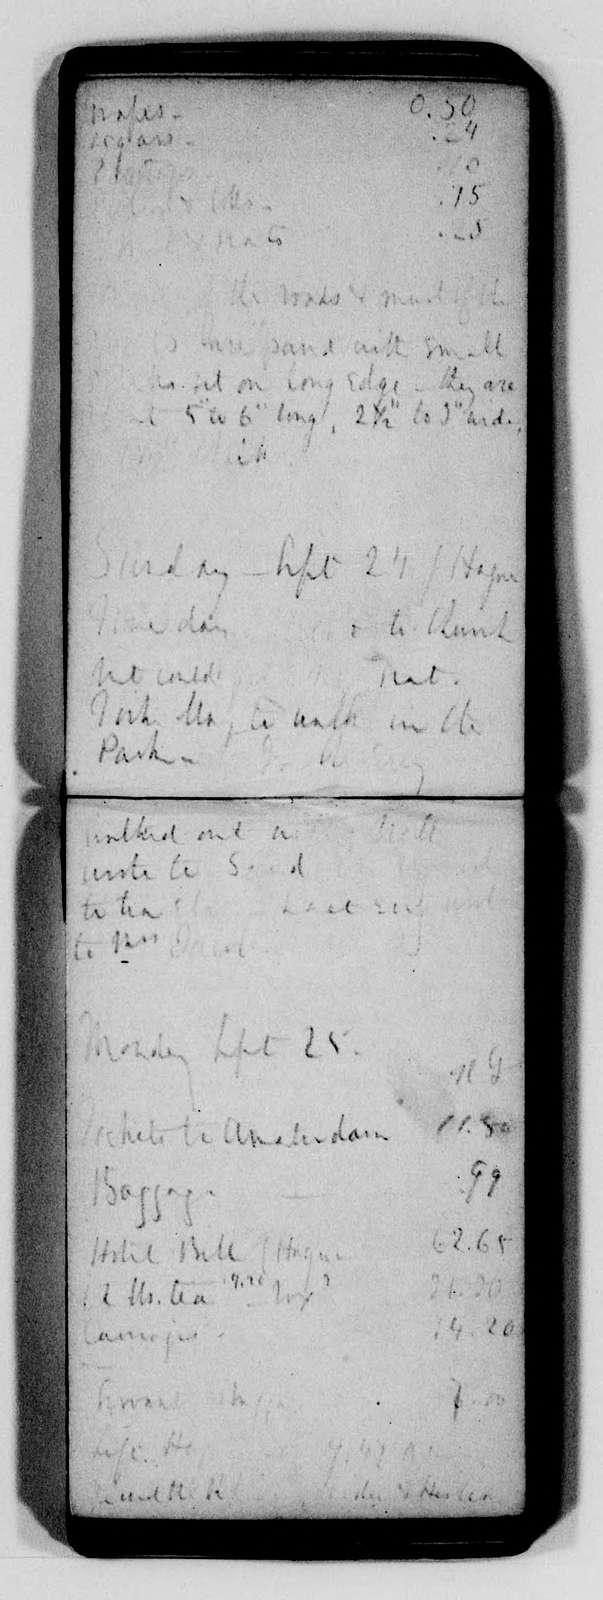 George Brinton McClellan Papers: Diaries, 1846-1884; McClellan, George B. (1826-1885); 1865, Aug. 22-Dec. 19